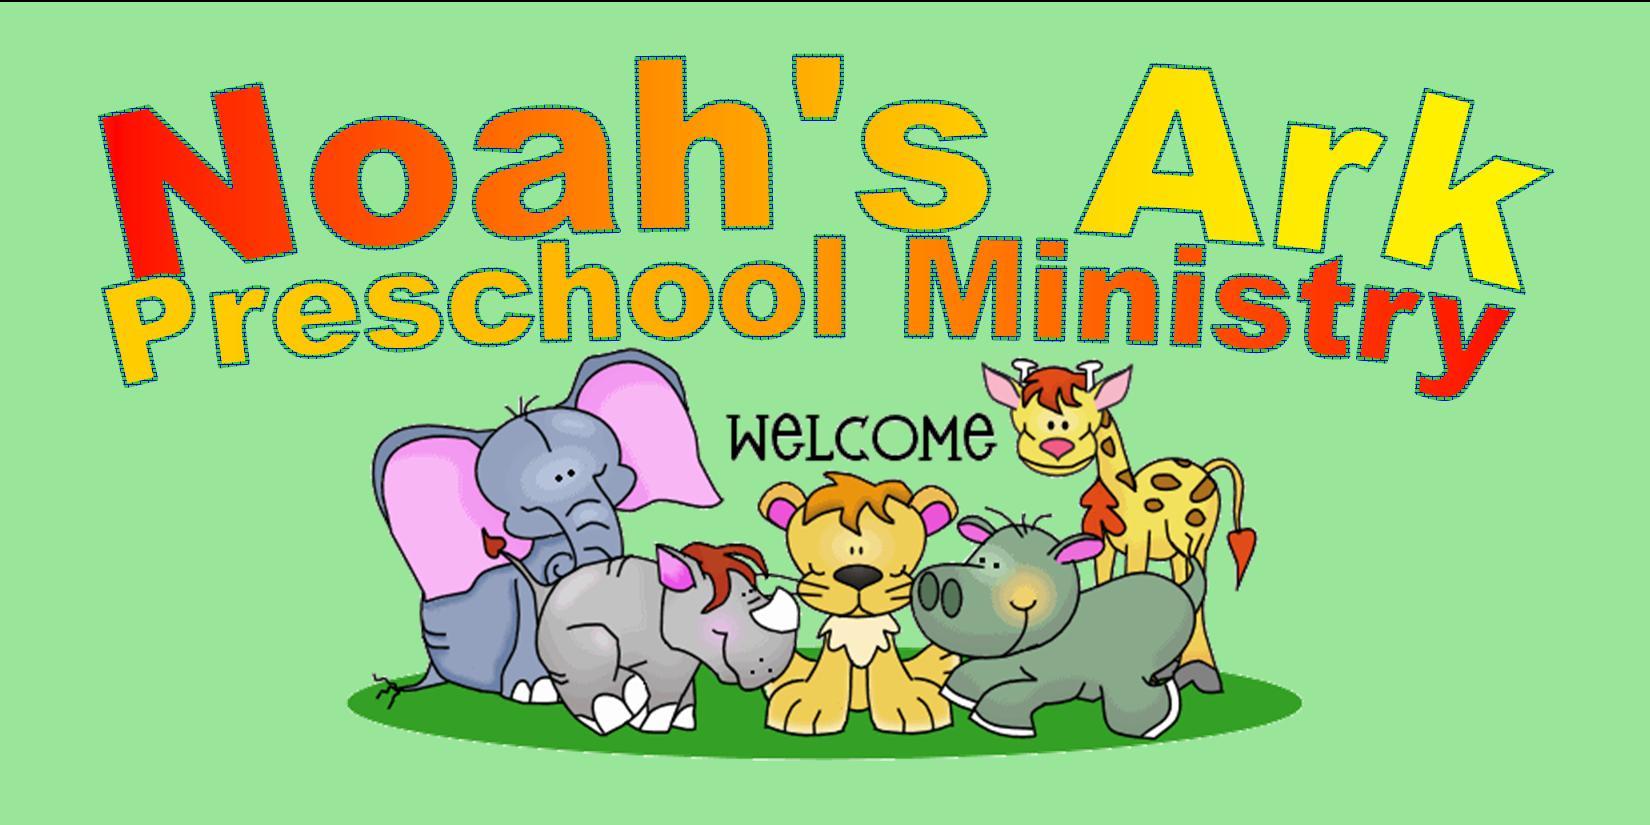 PreschoolWeb.jpg